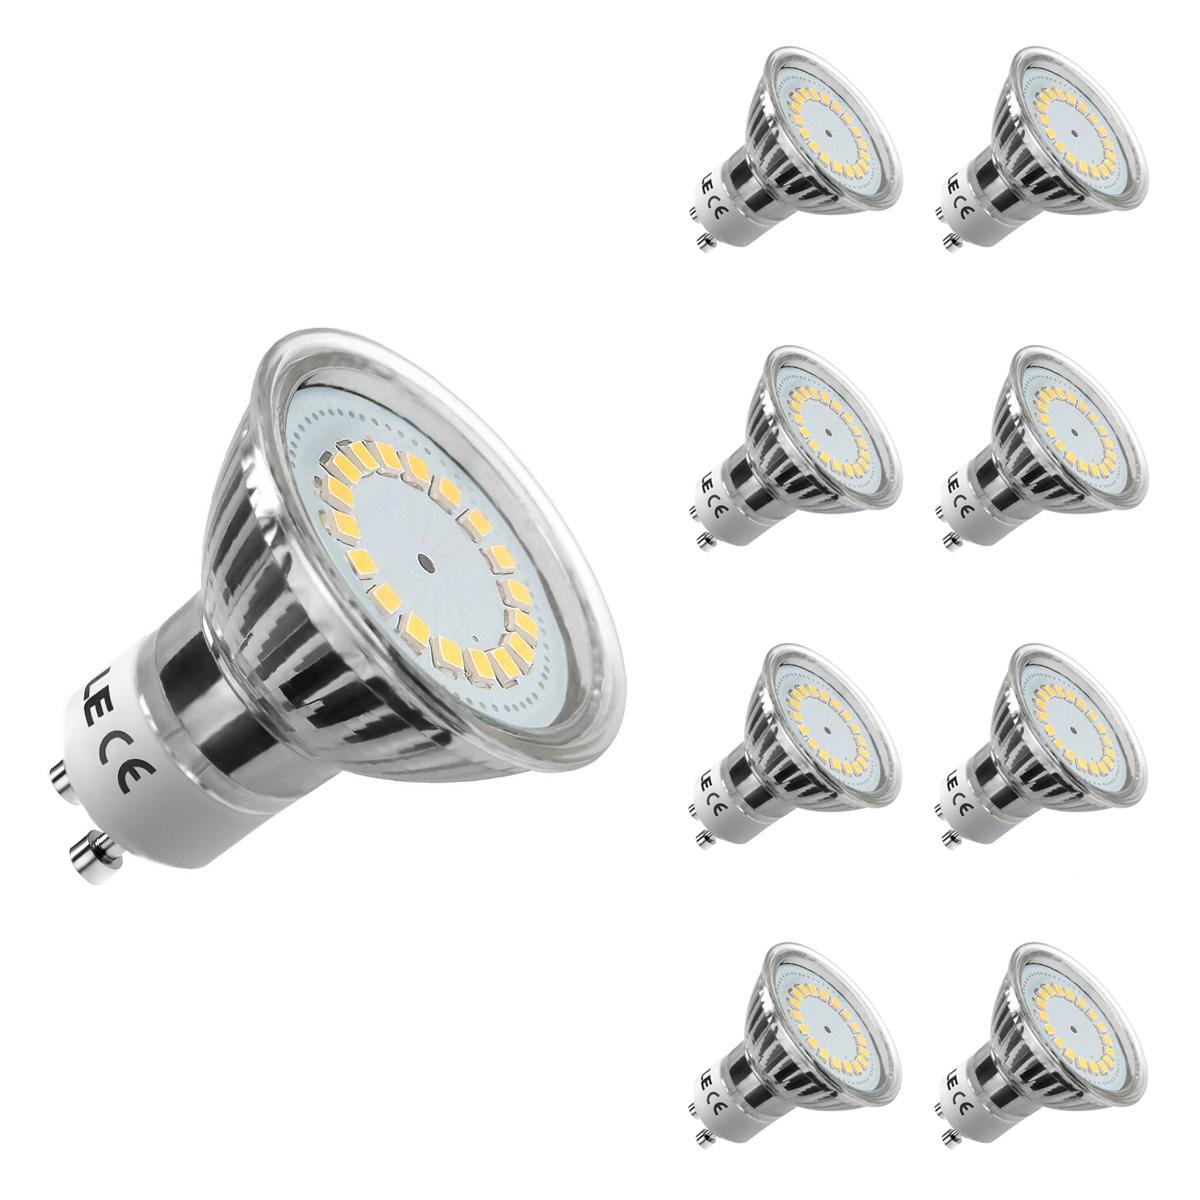 [Bündel] 3,5W GU10 MR16 LED Spot, 350lm Leuchtmittel, Ersatz für 50W Halogen, Warmweiß, 8er Set